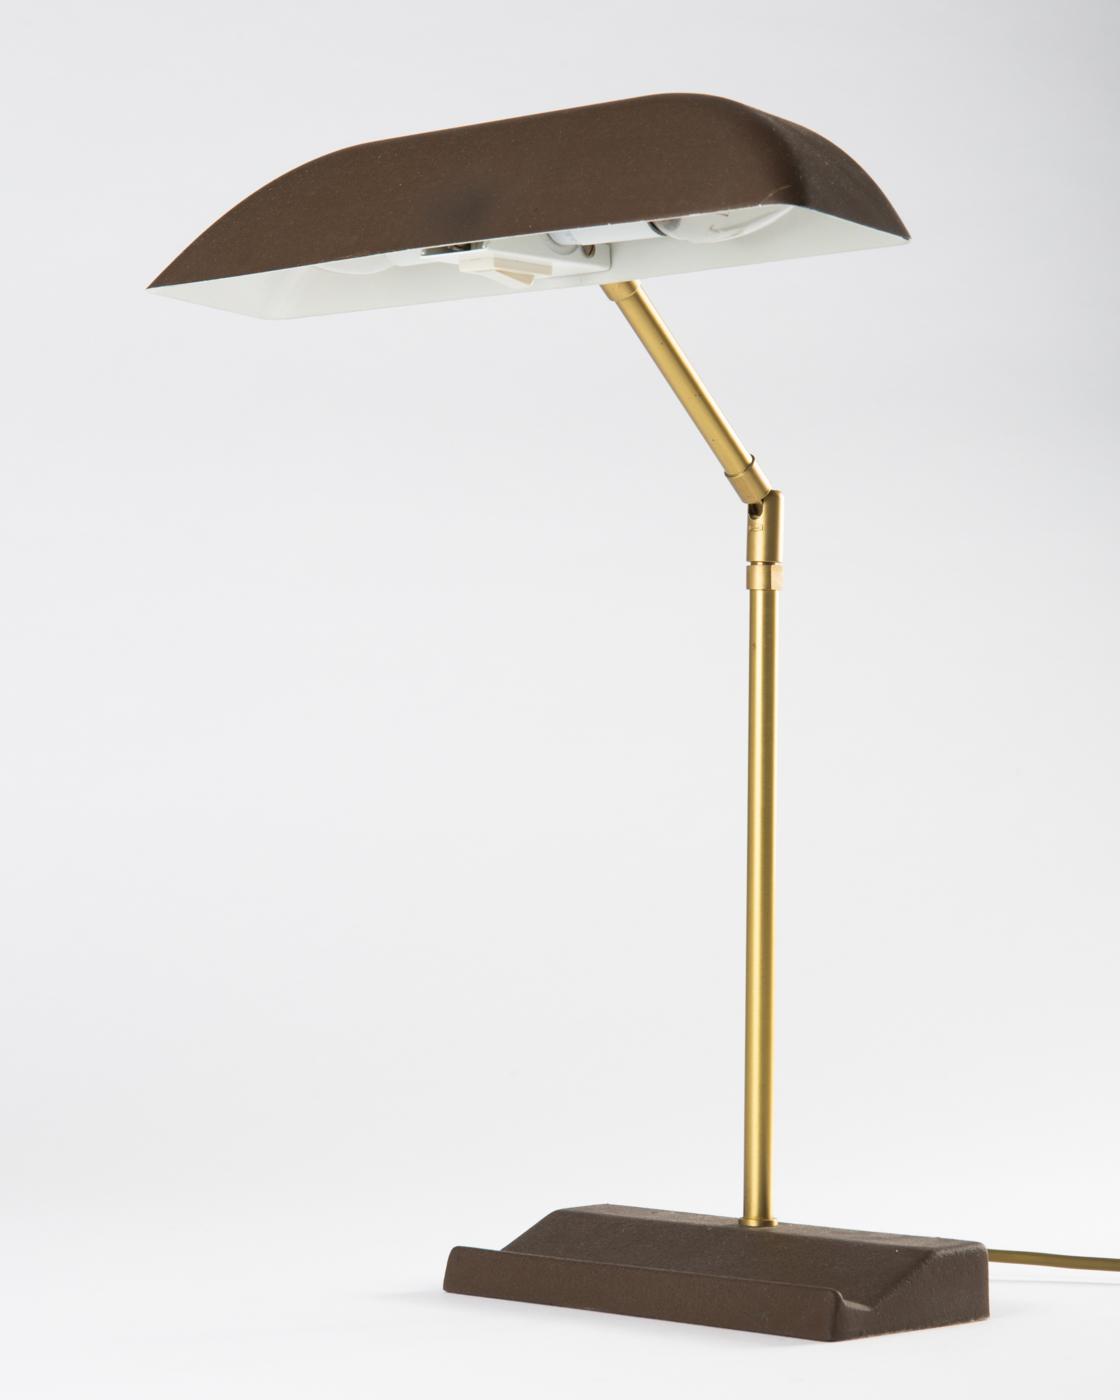 Hillebrand, Lampe / Leuchte / Schreibtischlampe